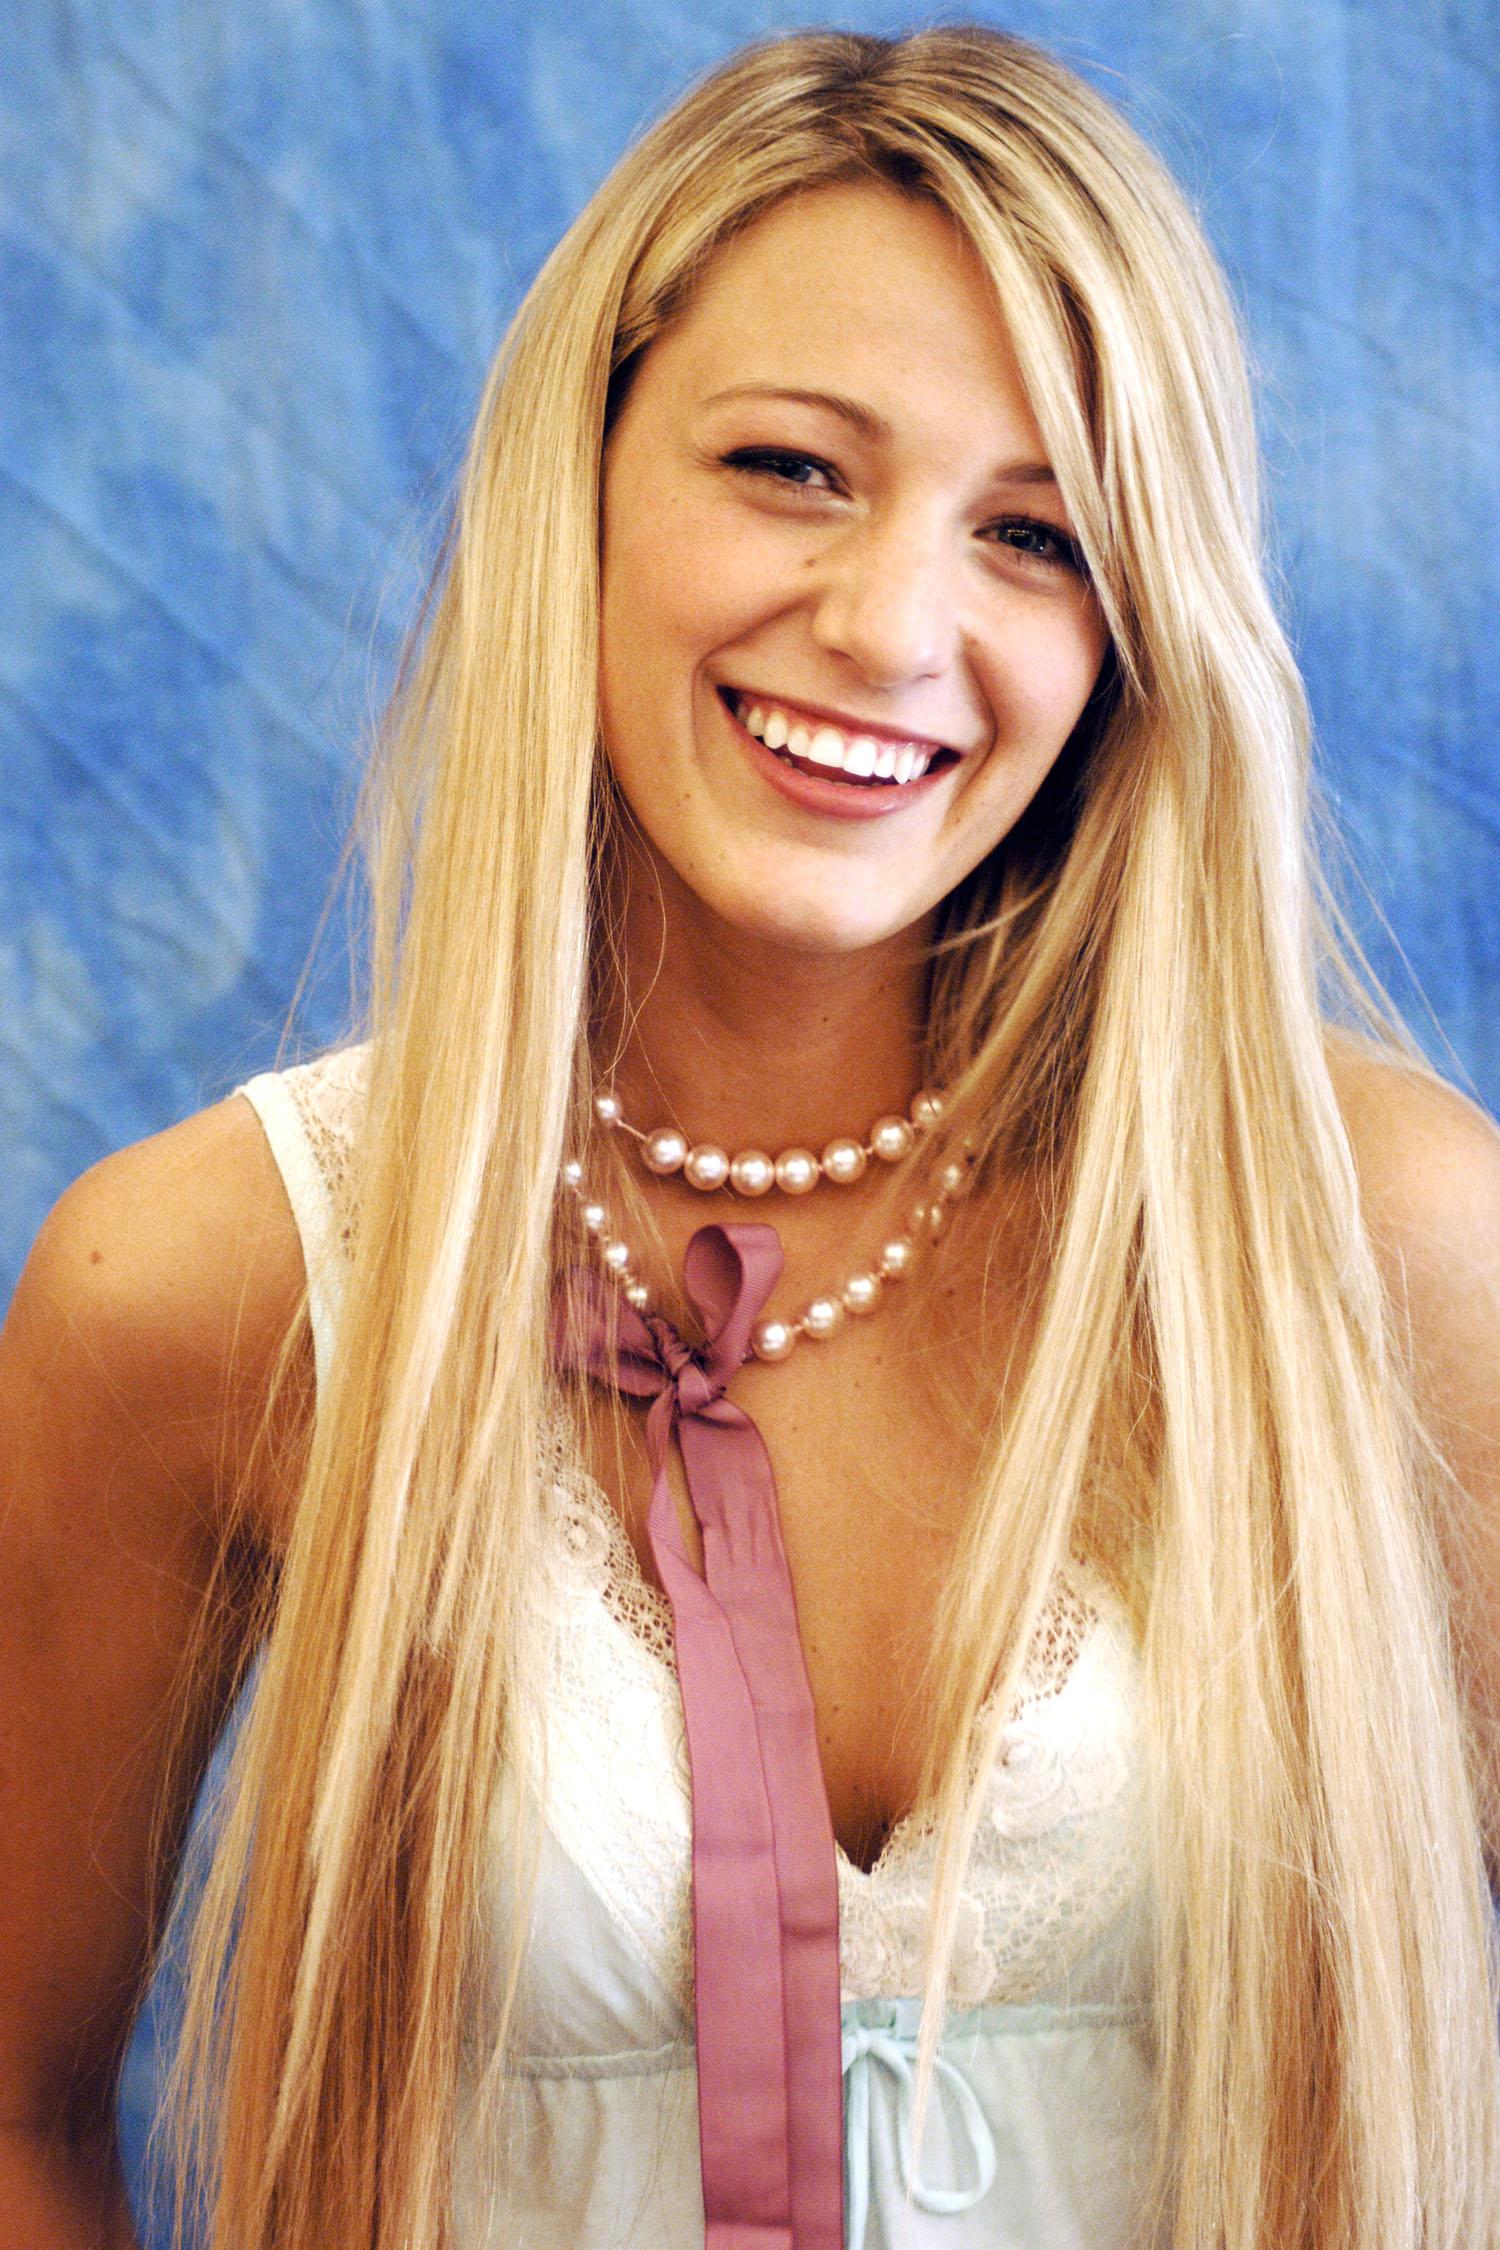 Blake Livelys Beauty Evolution In 36 Looks Blake Livelys